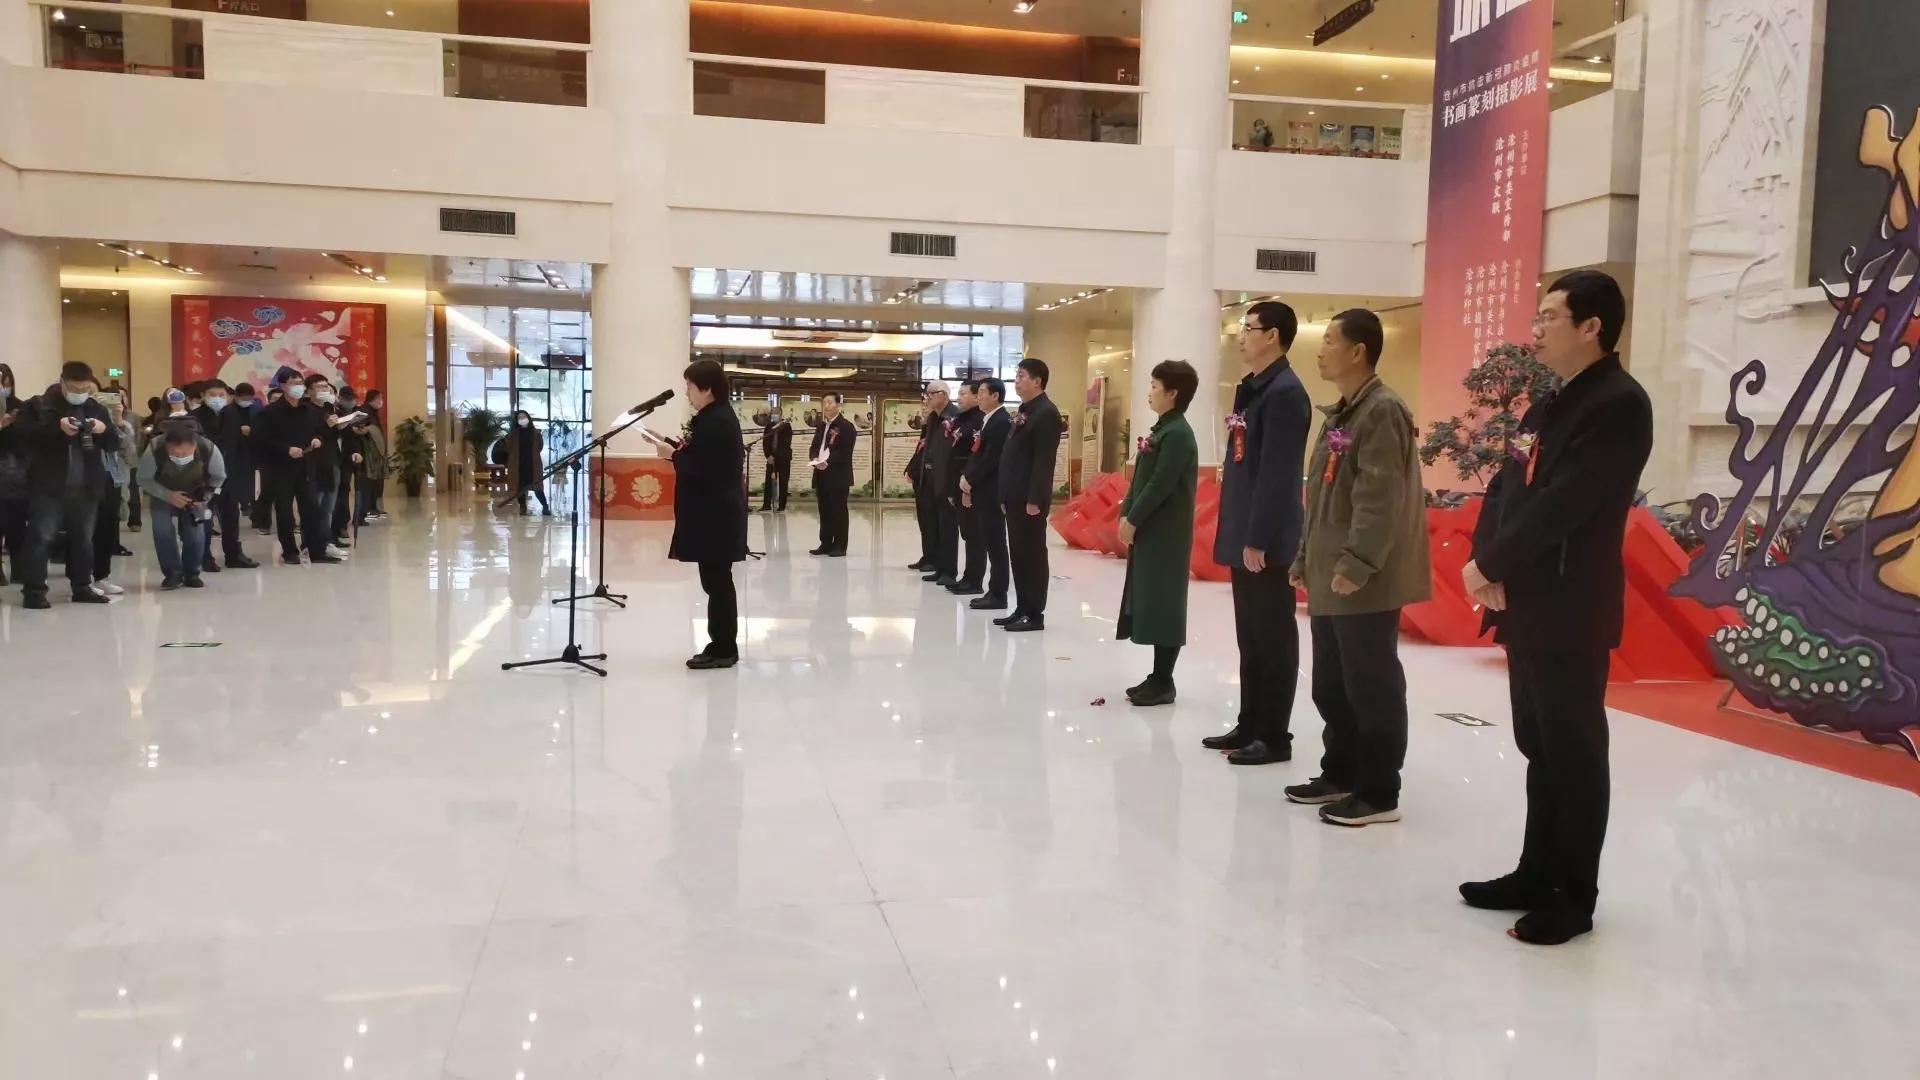 沧州市抗击疫情成果书画篆刻摄影展在沧州博物馆隆重开幕